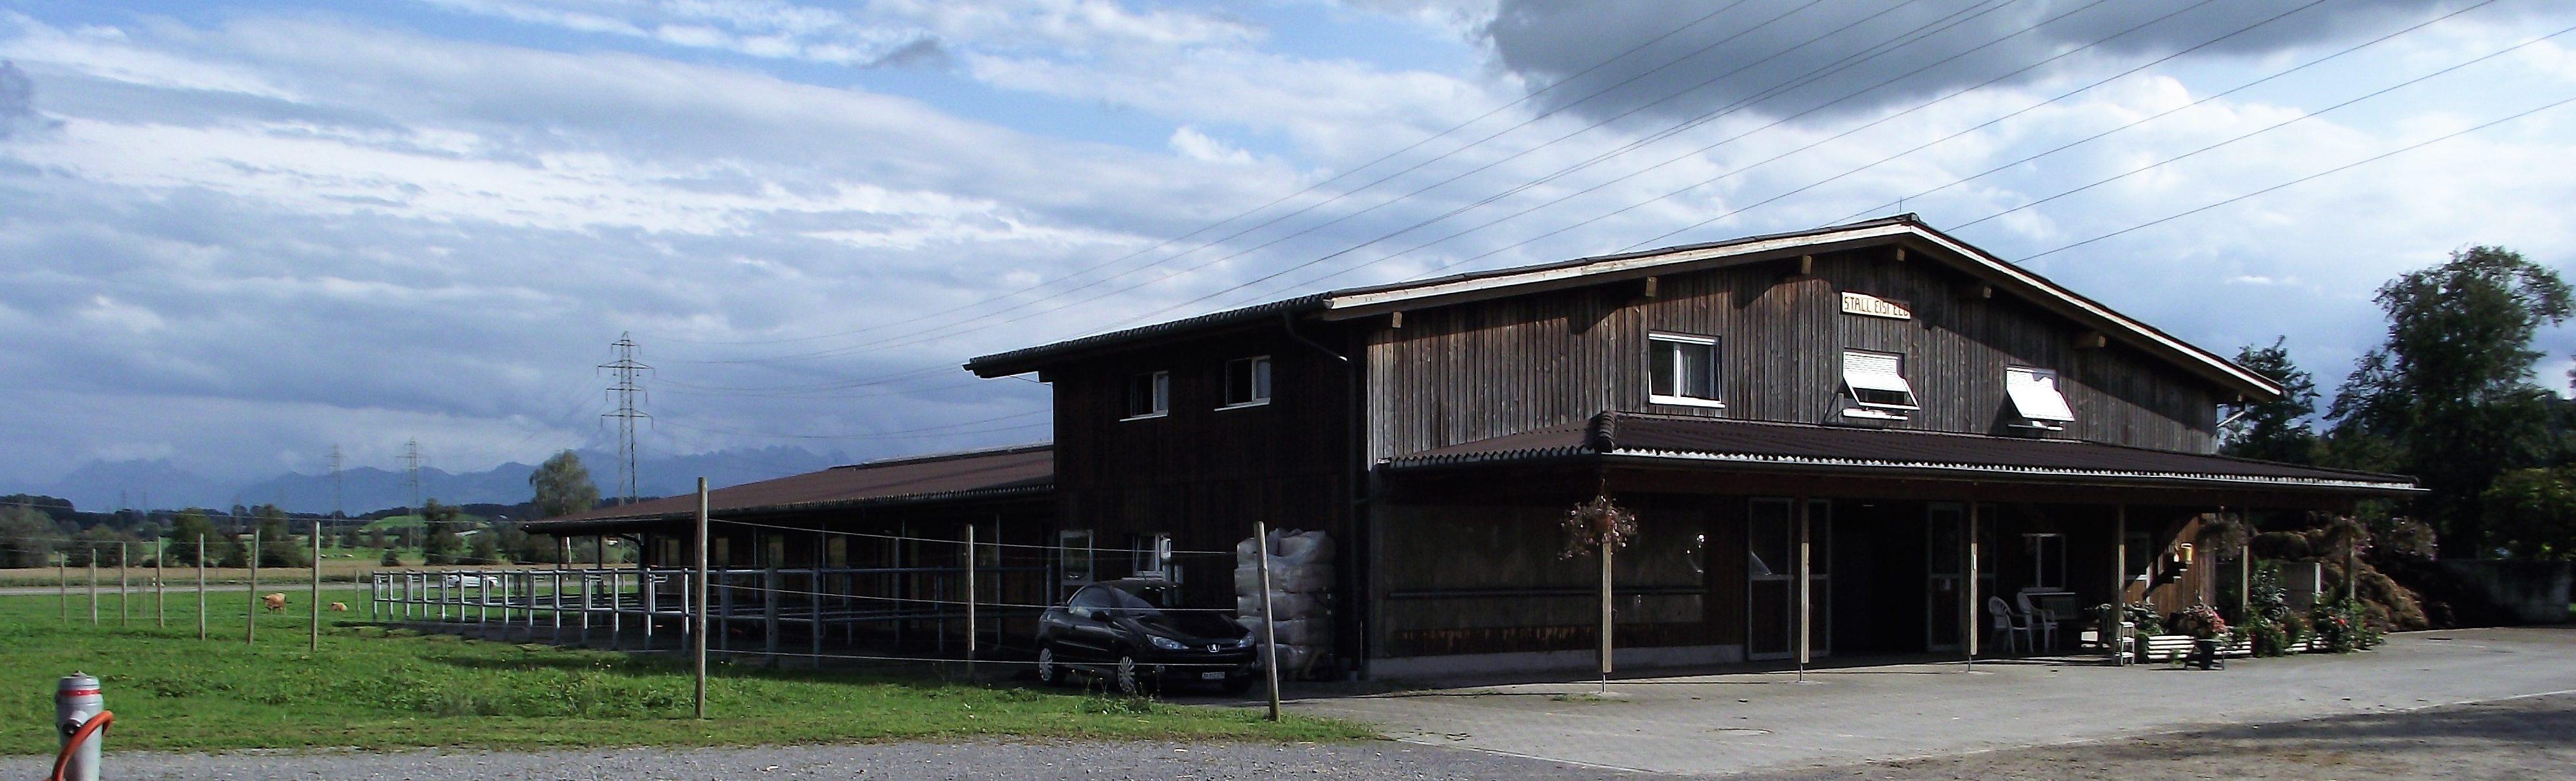 Reitsportzentrum Eisfeld